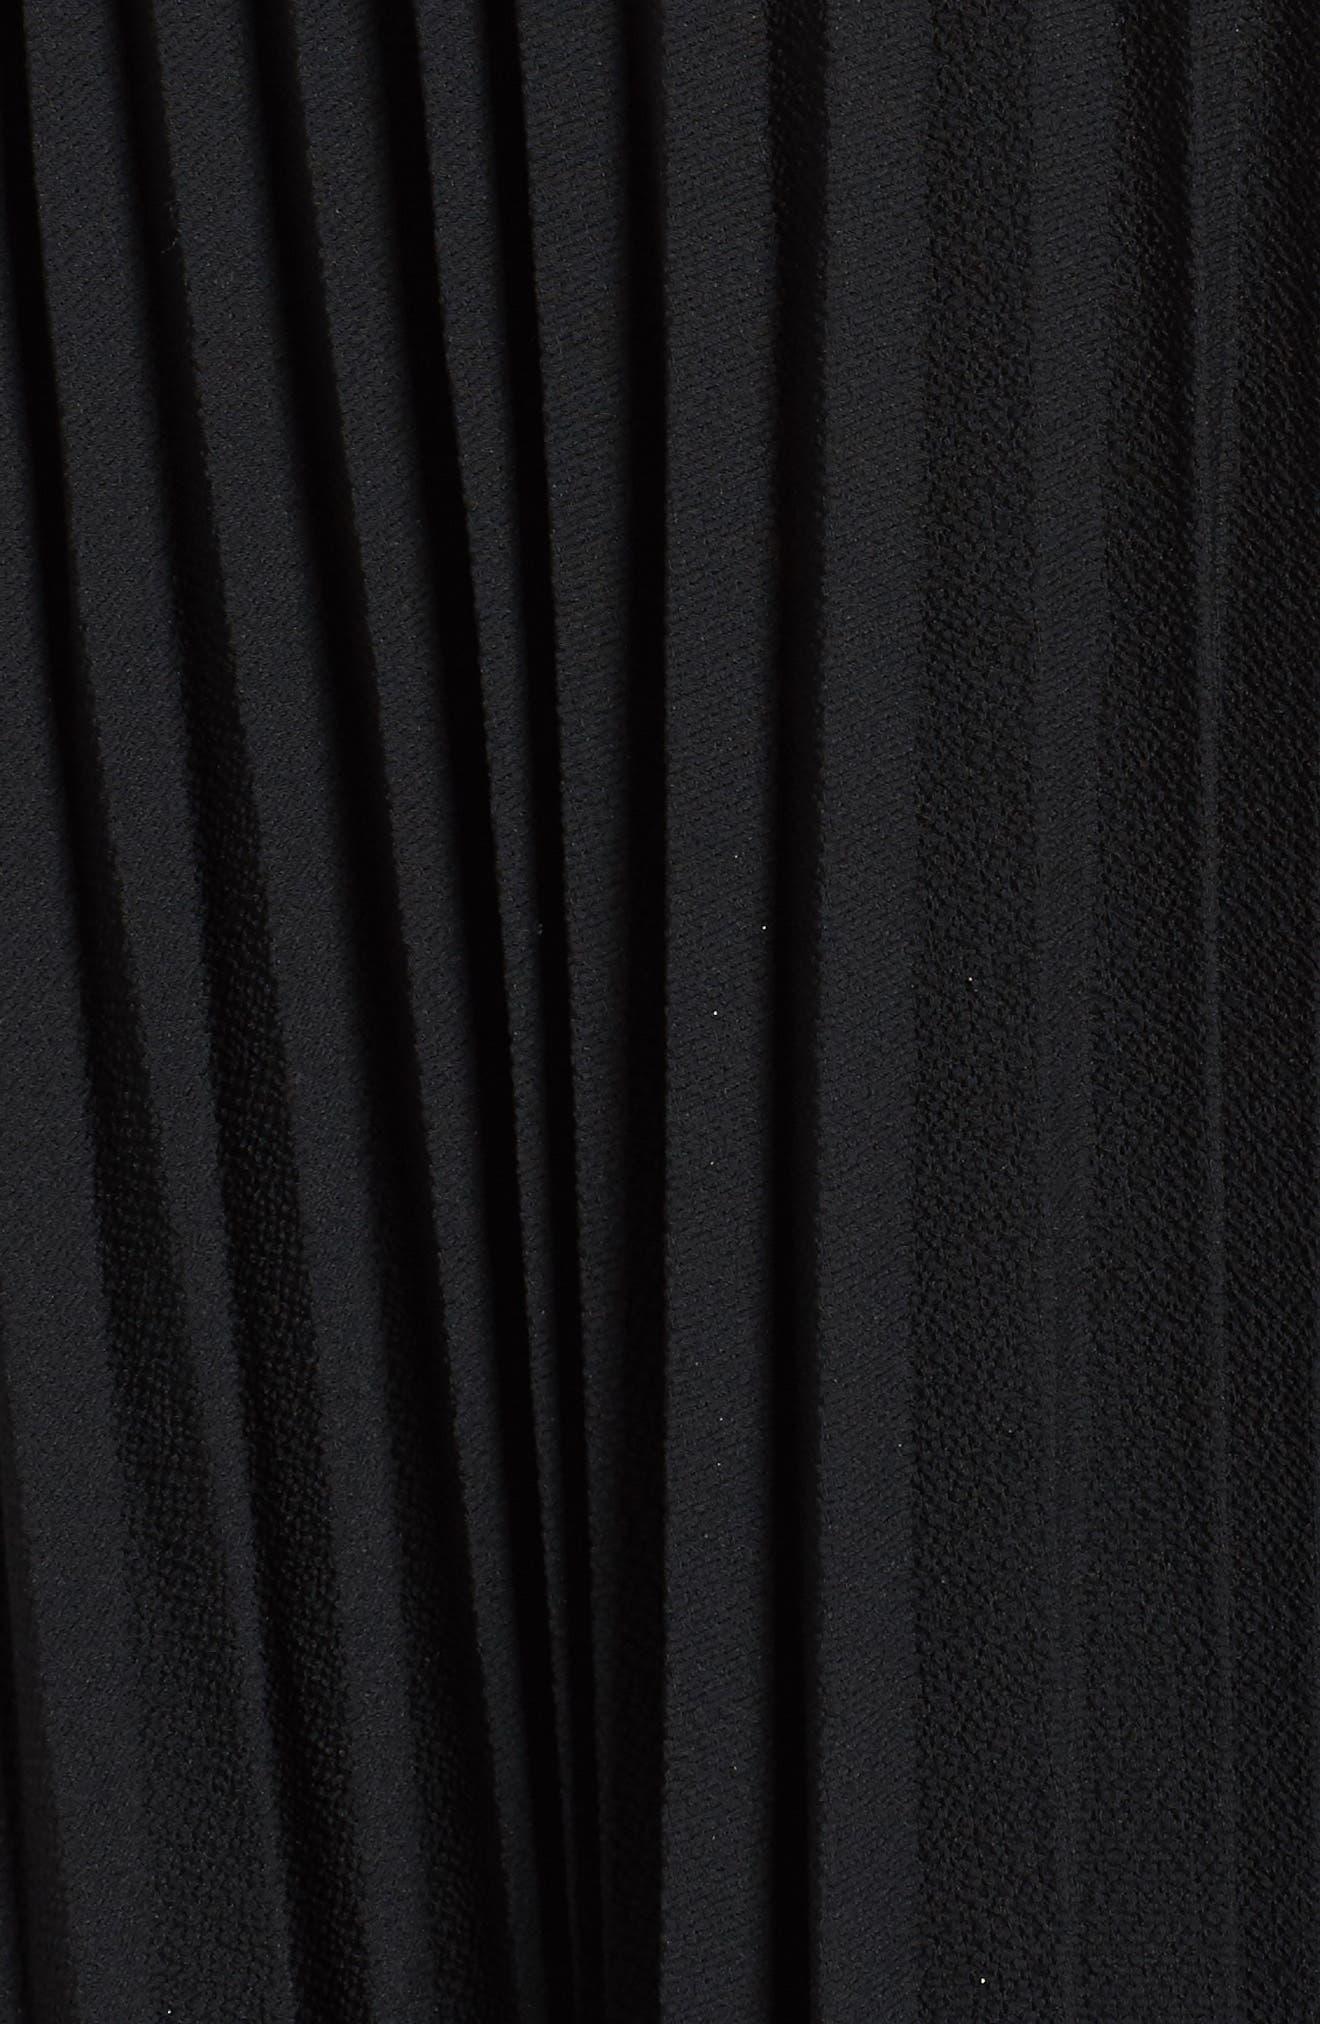 Crystal Flower Embellished Dress,                             Alternate thumbnail 6, color,                             Black